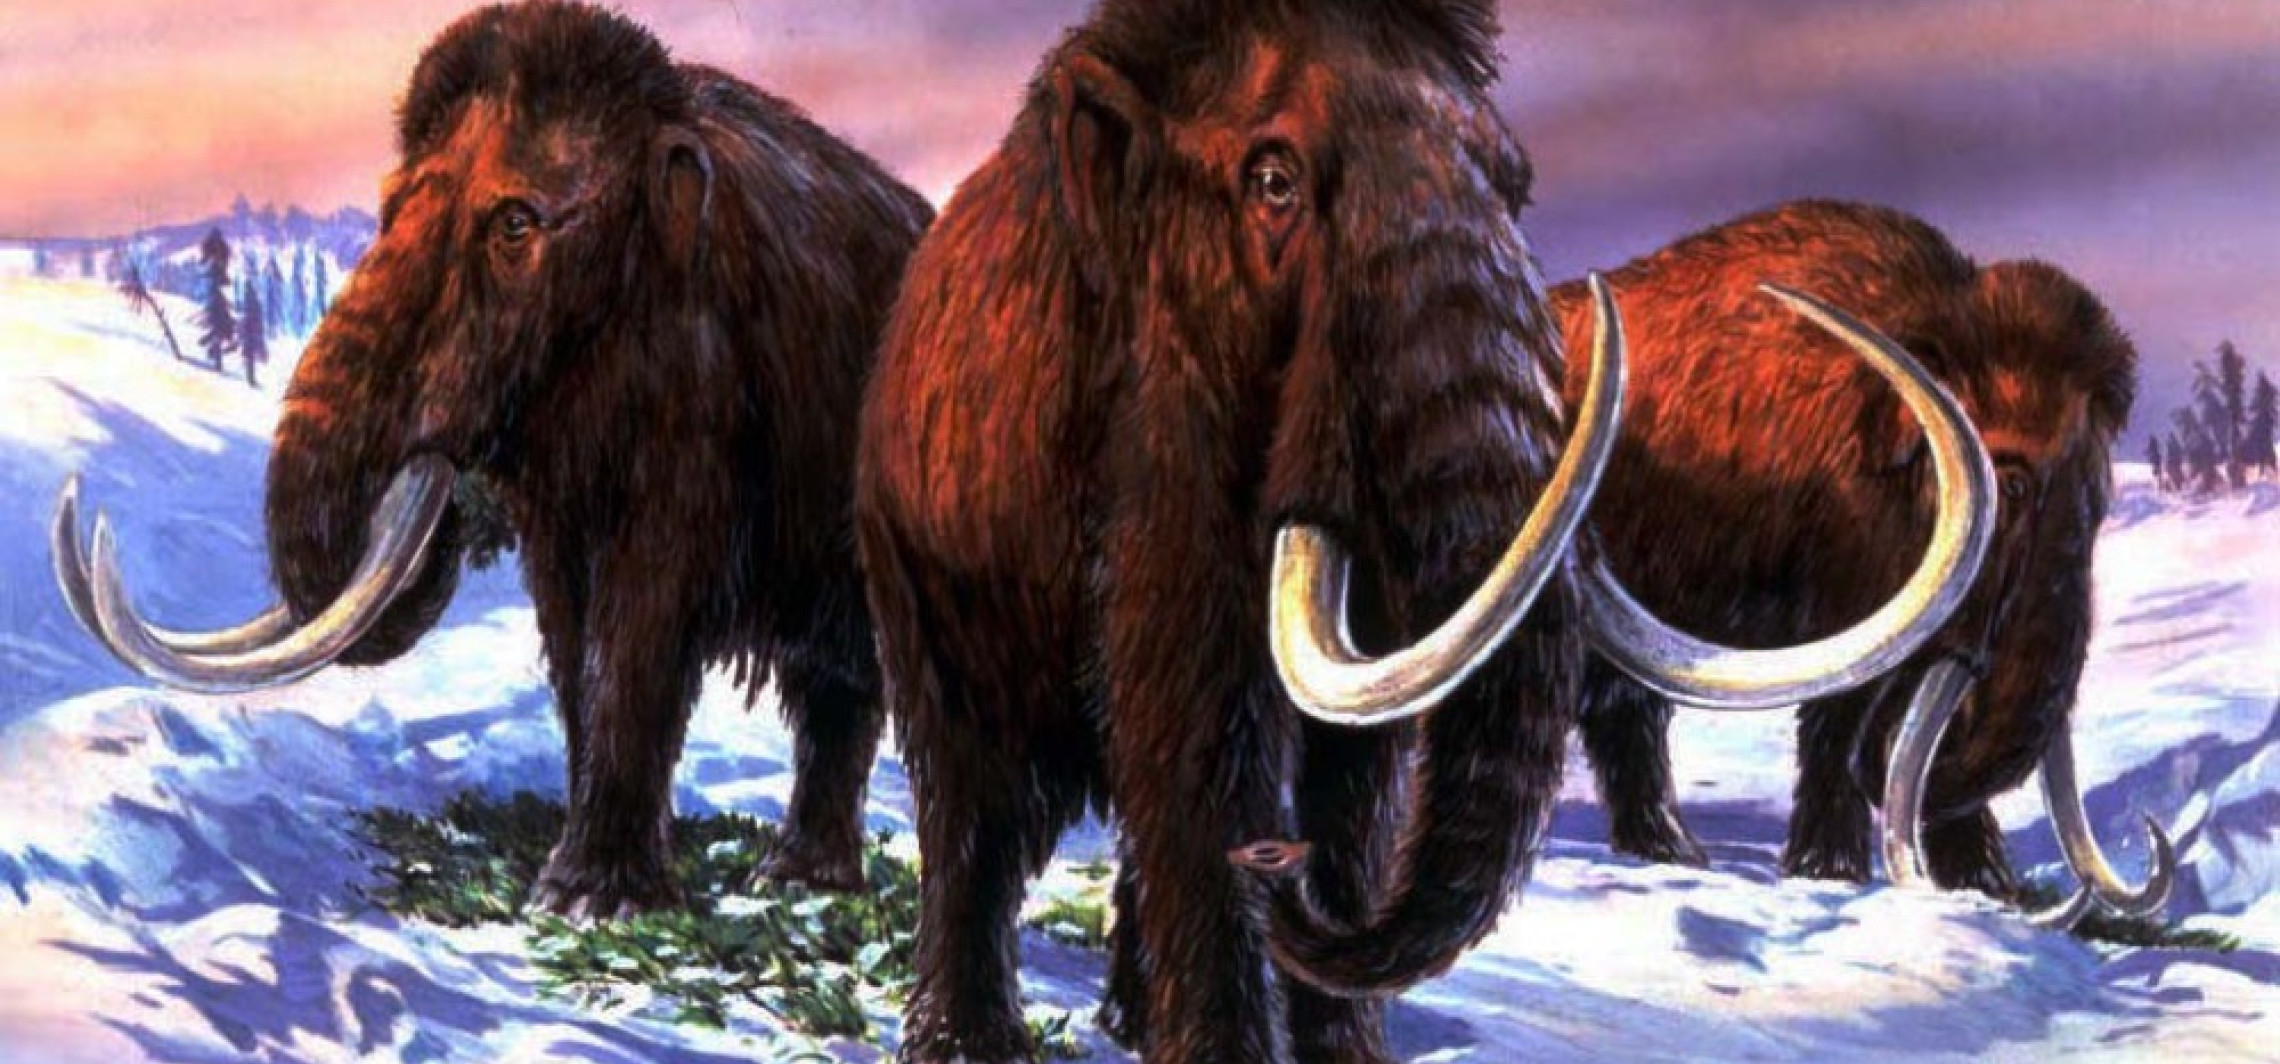 """""""Guardian"""": naukowcy chcą odtworzyć mamuty, pierwsze mamuciątko może urodzić się za sześć lat"""